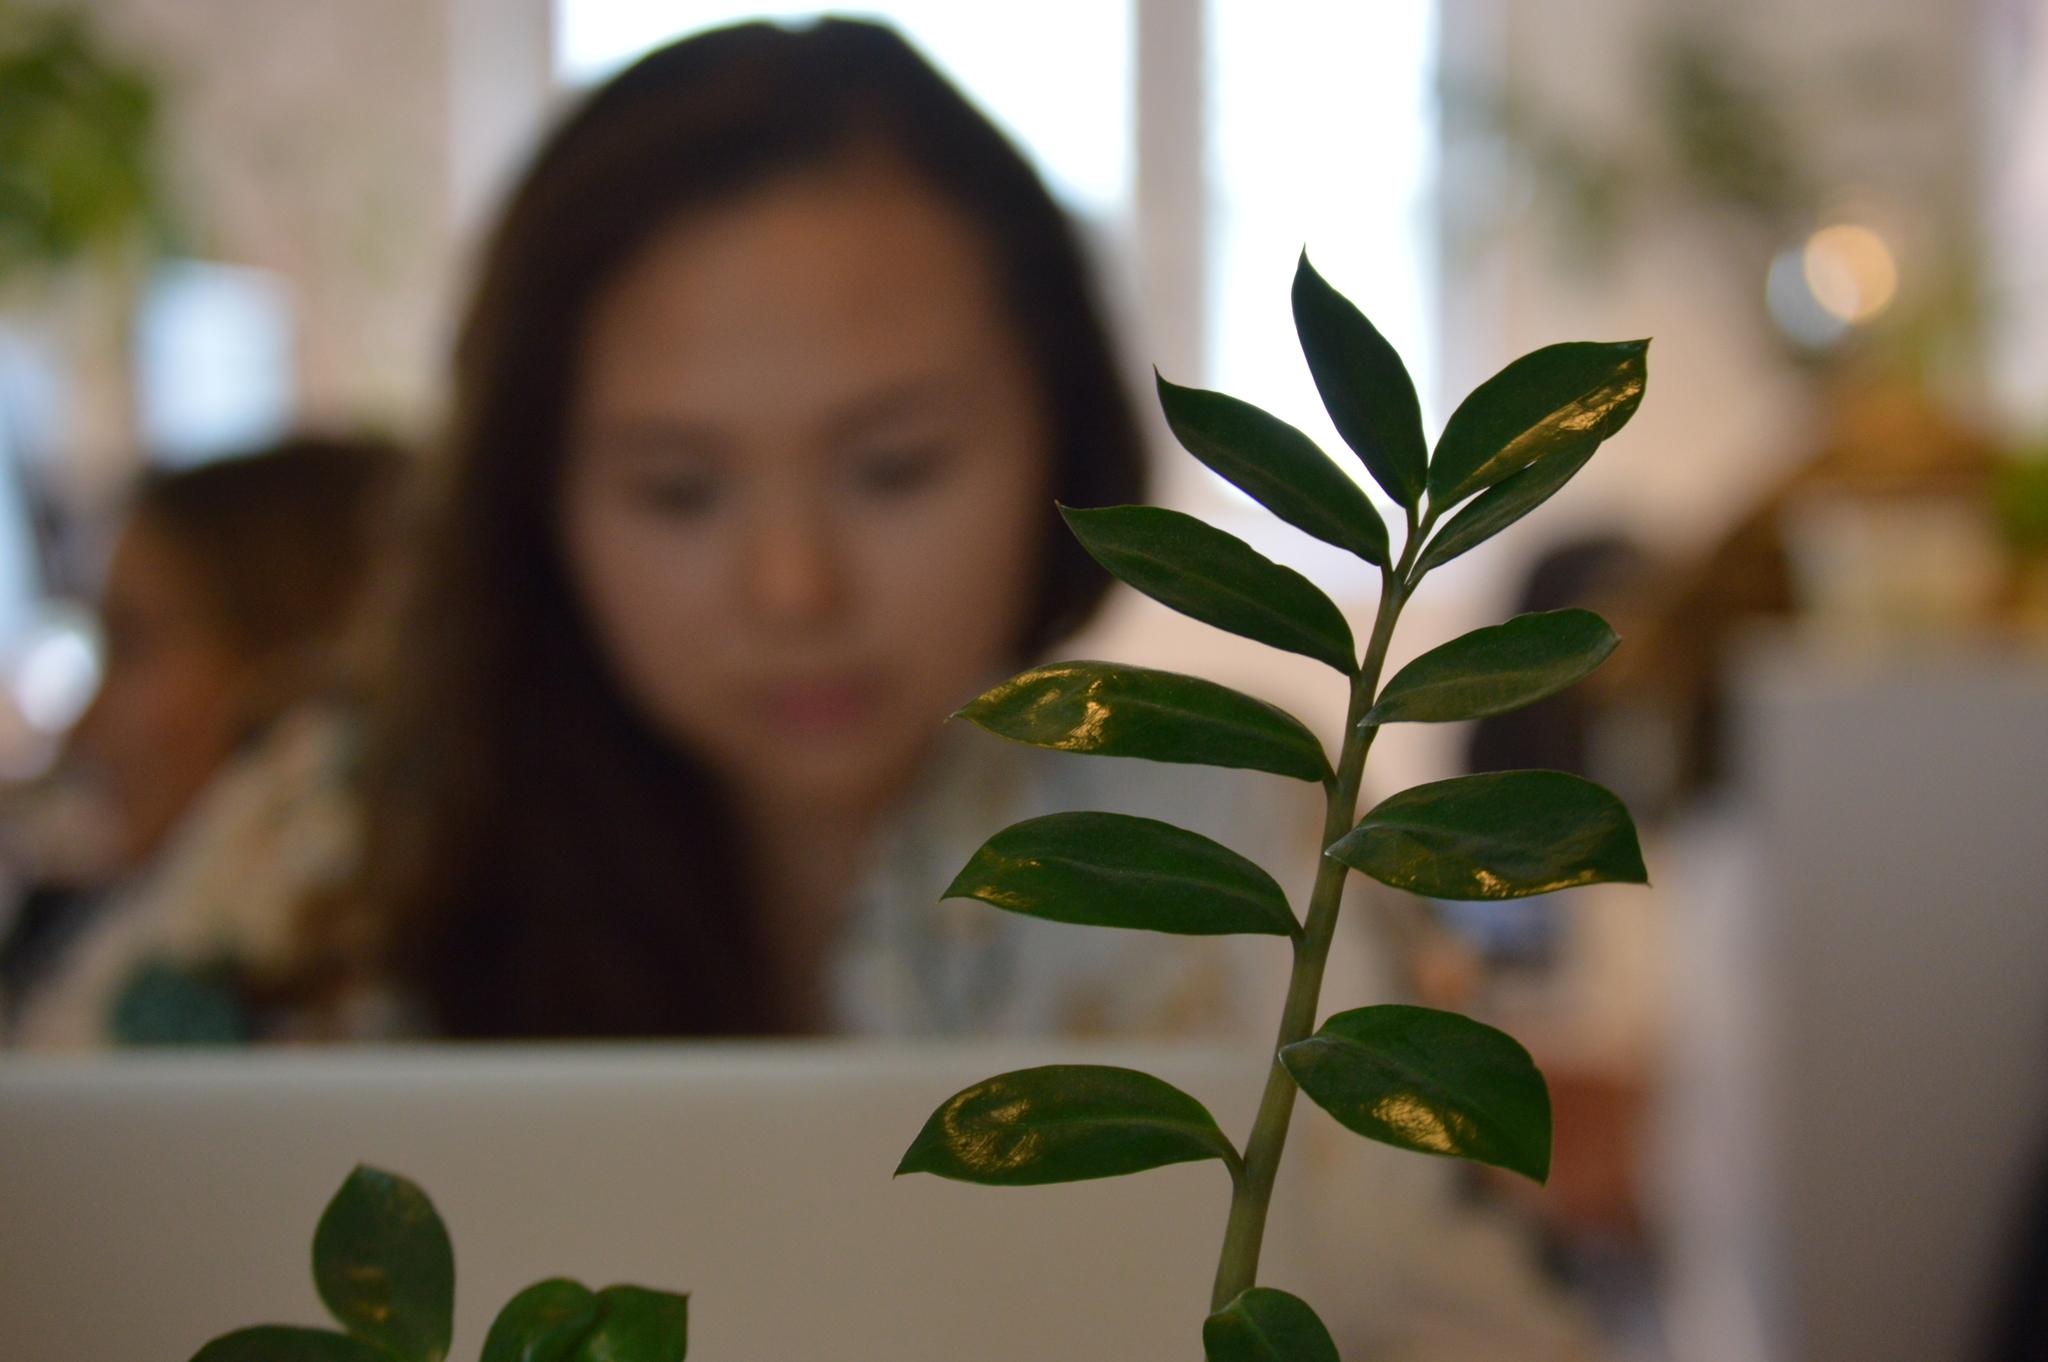 Visste du att växter hjälper dig att bli mer produktiv? Därför strävar vi efter att ha Sveriges grönaste inkubator.